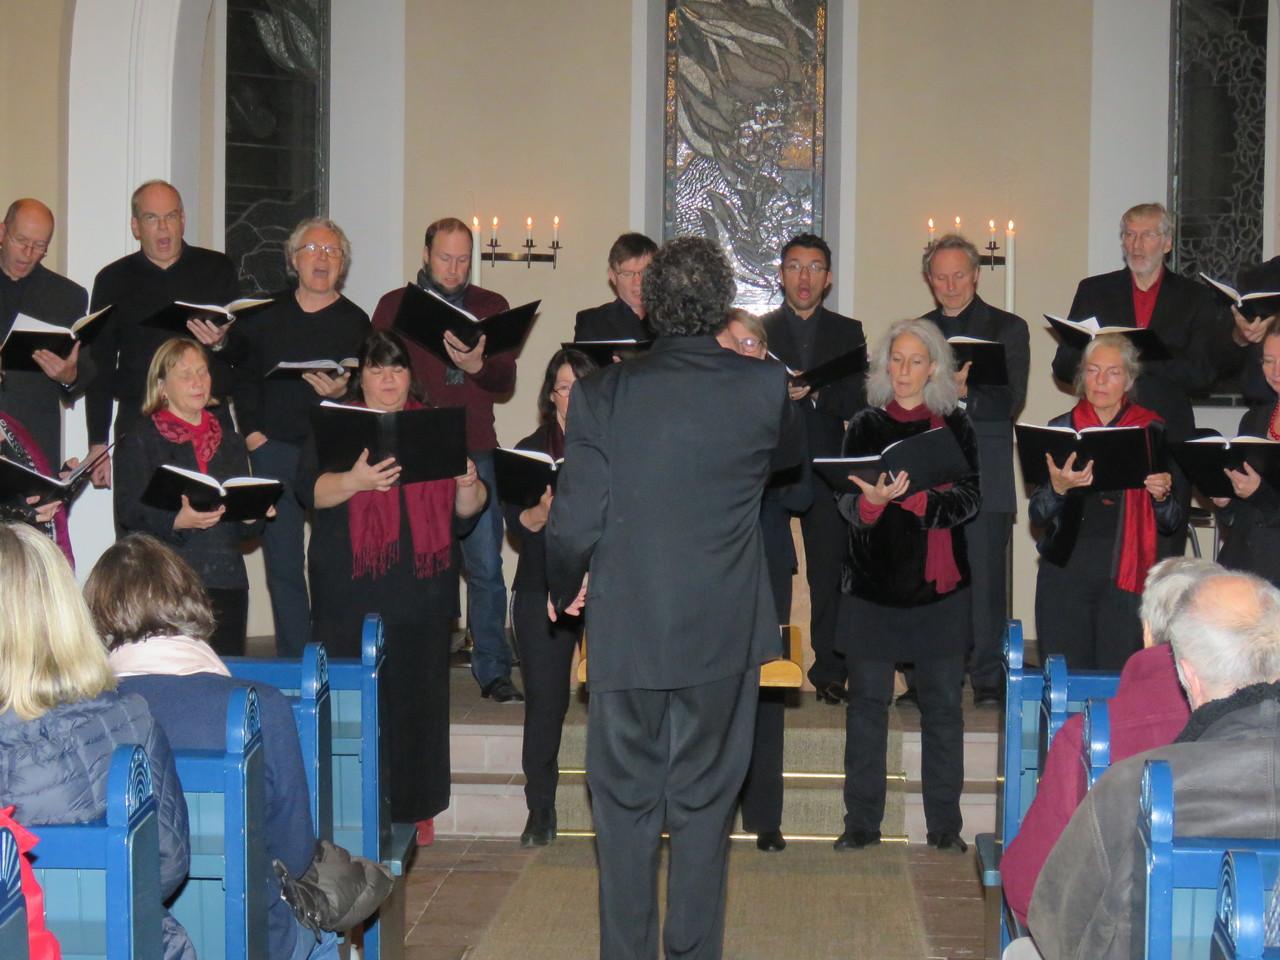 Der Kammerchor Cantemus gab ein Konzert in der Liebfrauenkirche in Fischerhude. Foto: Elke Keppler-Rosenau